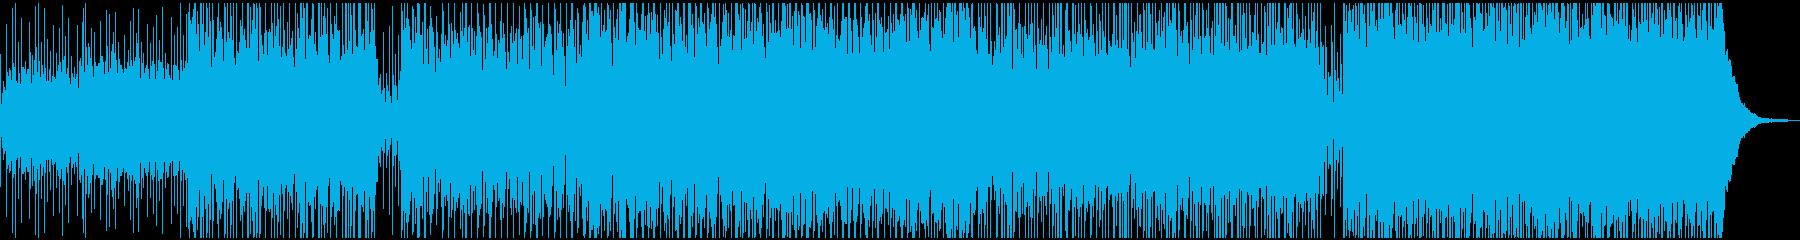 民謡でインスピレーションのある曲の再生済みの波形